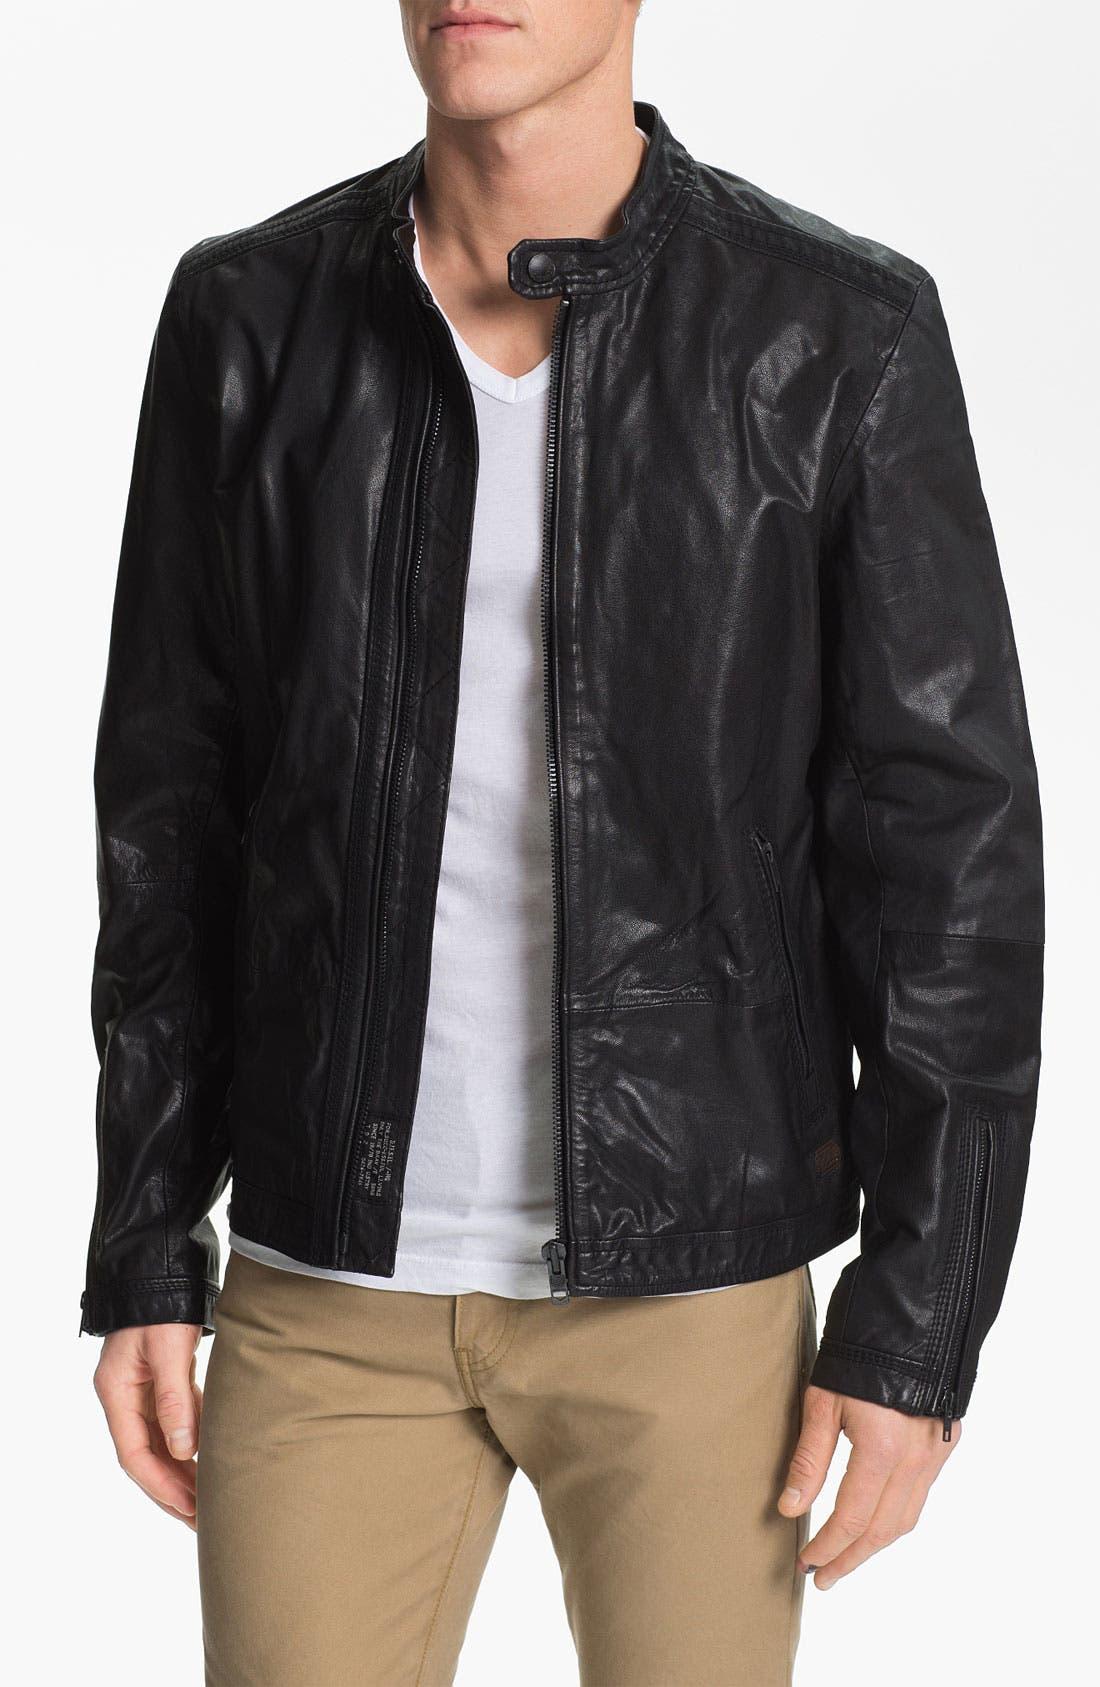 Alternate Image 1 Selected - DIESEL® 'Lagnum' Leather Racing Jacket